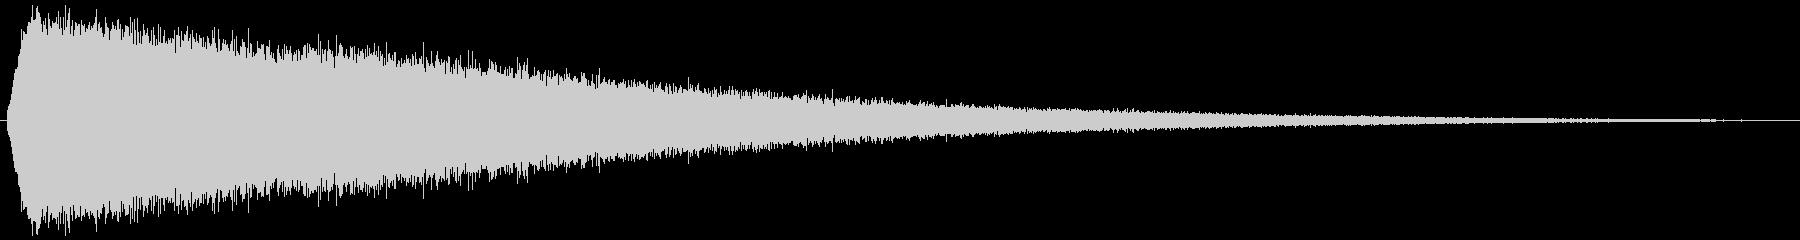 消滅 倒すノイジー(パァーン+シューン)の未再生の波形